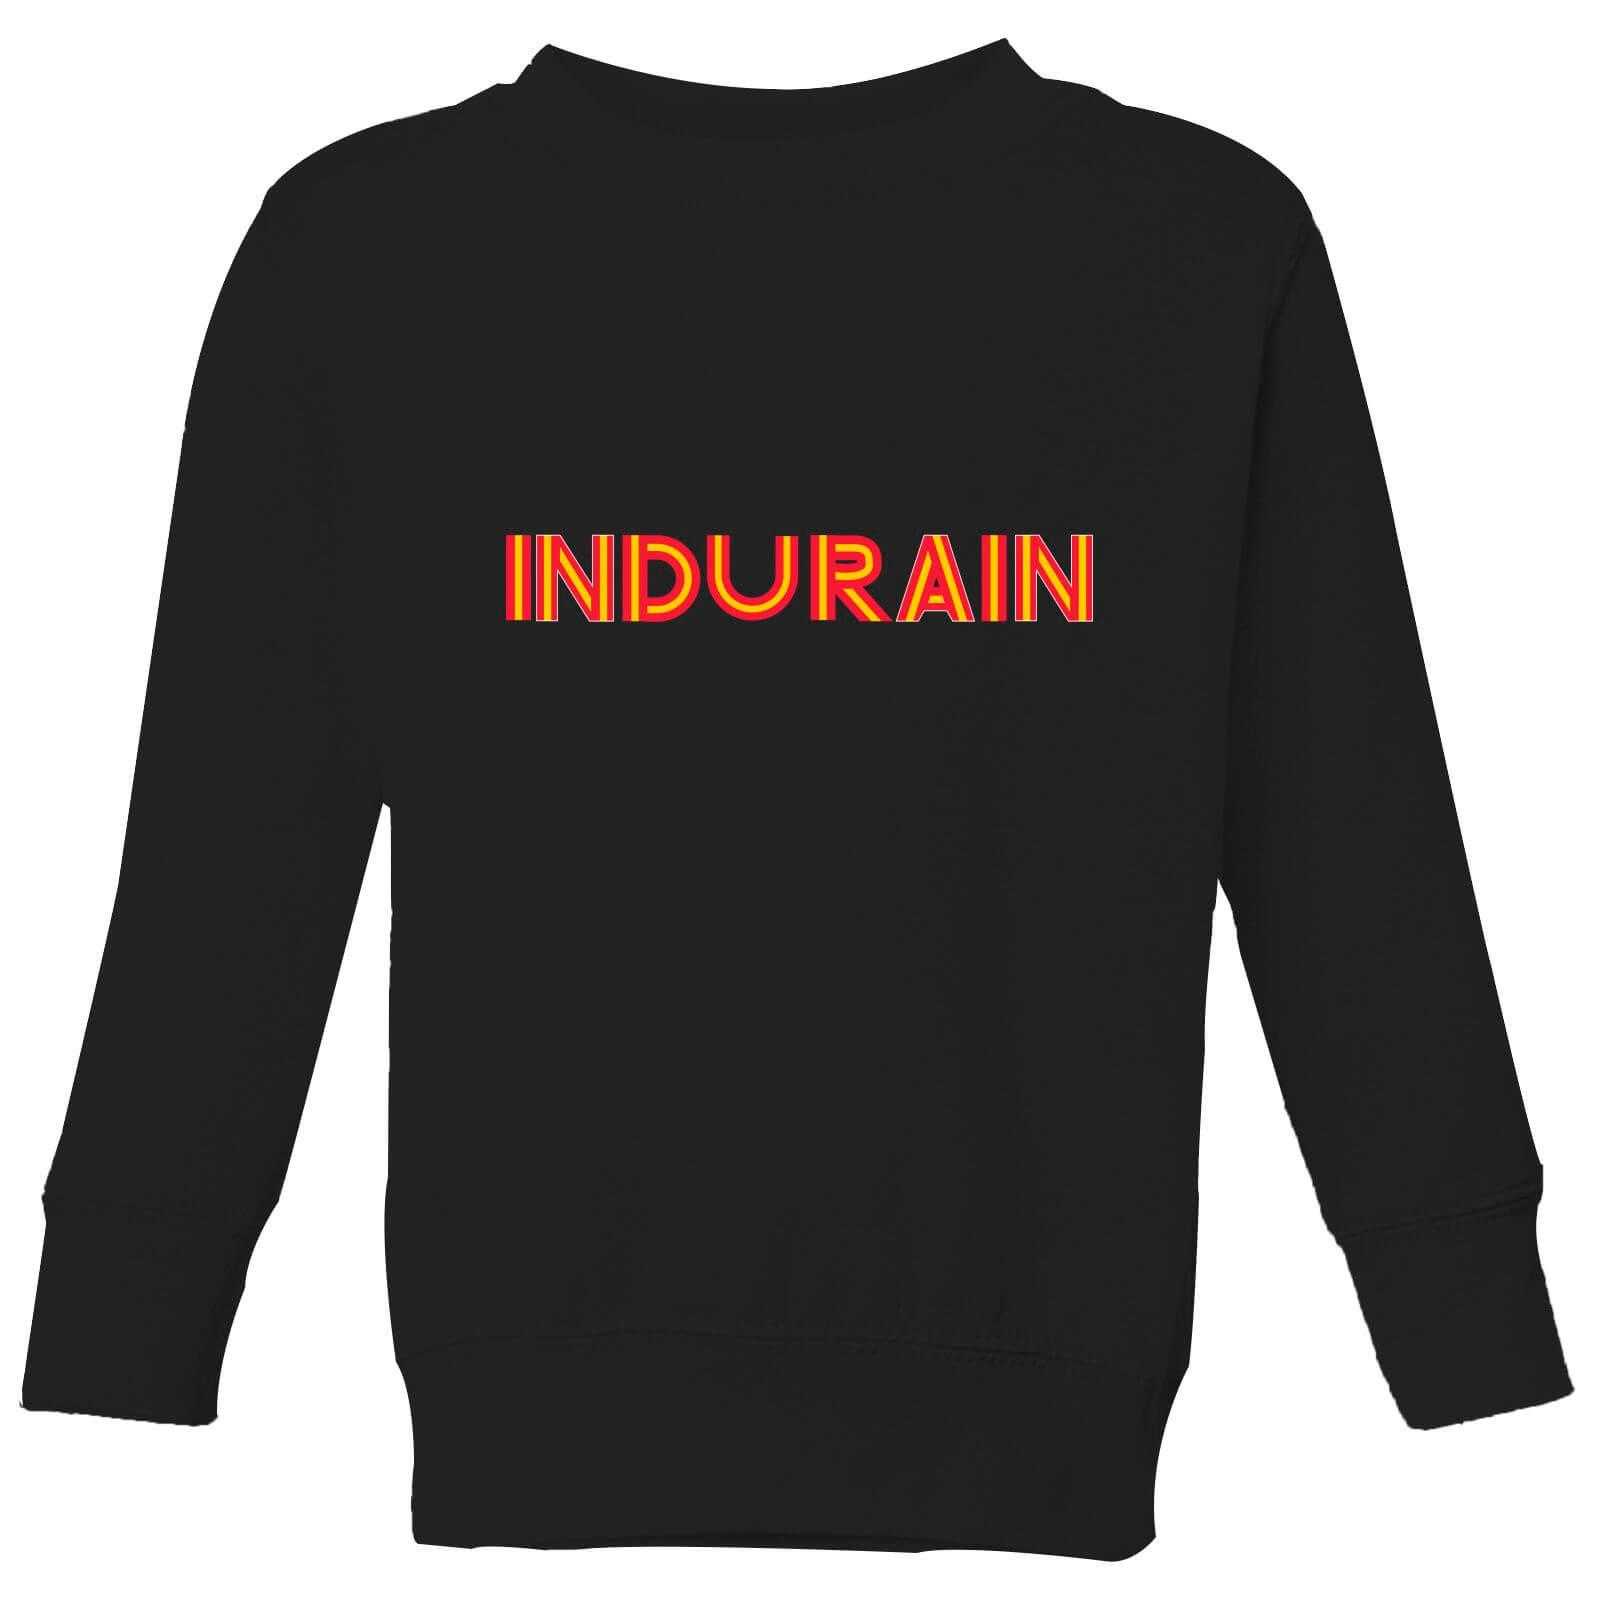 Summit Finish Indurain - Rider Name Kids' Sweatshirt - Black - 9-10 Jahre - Schwarz